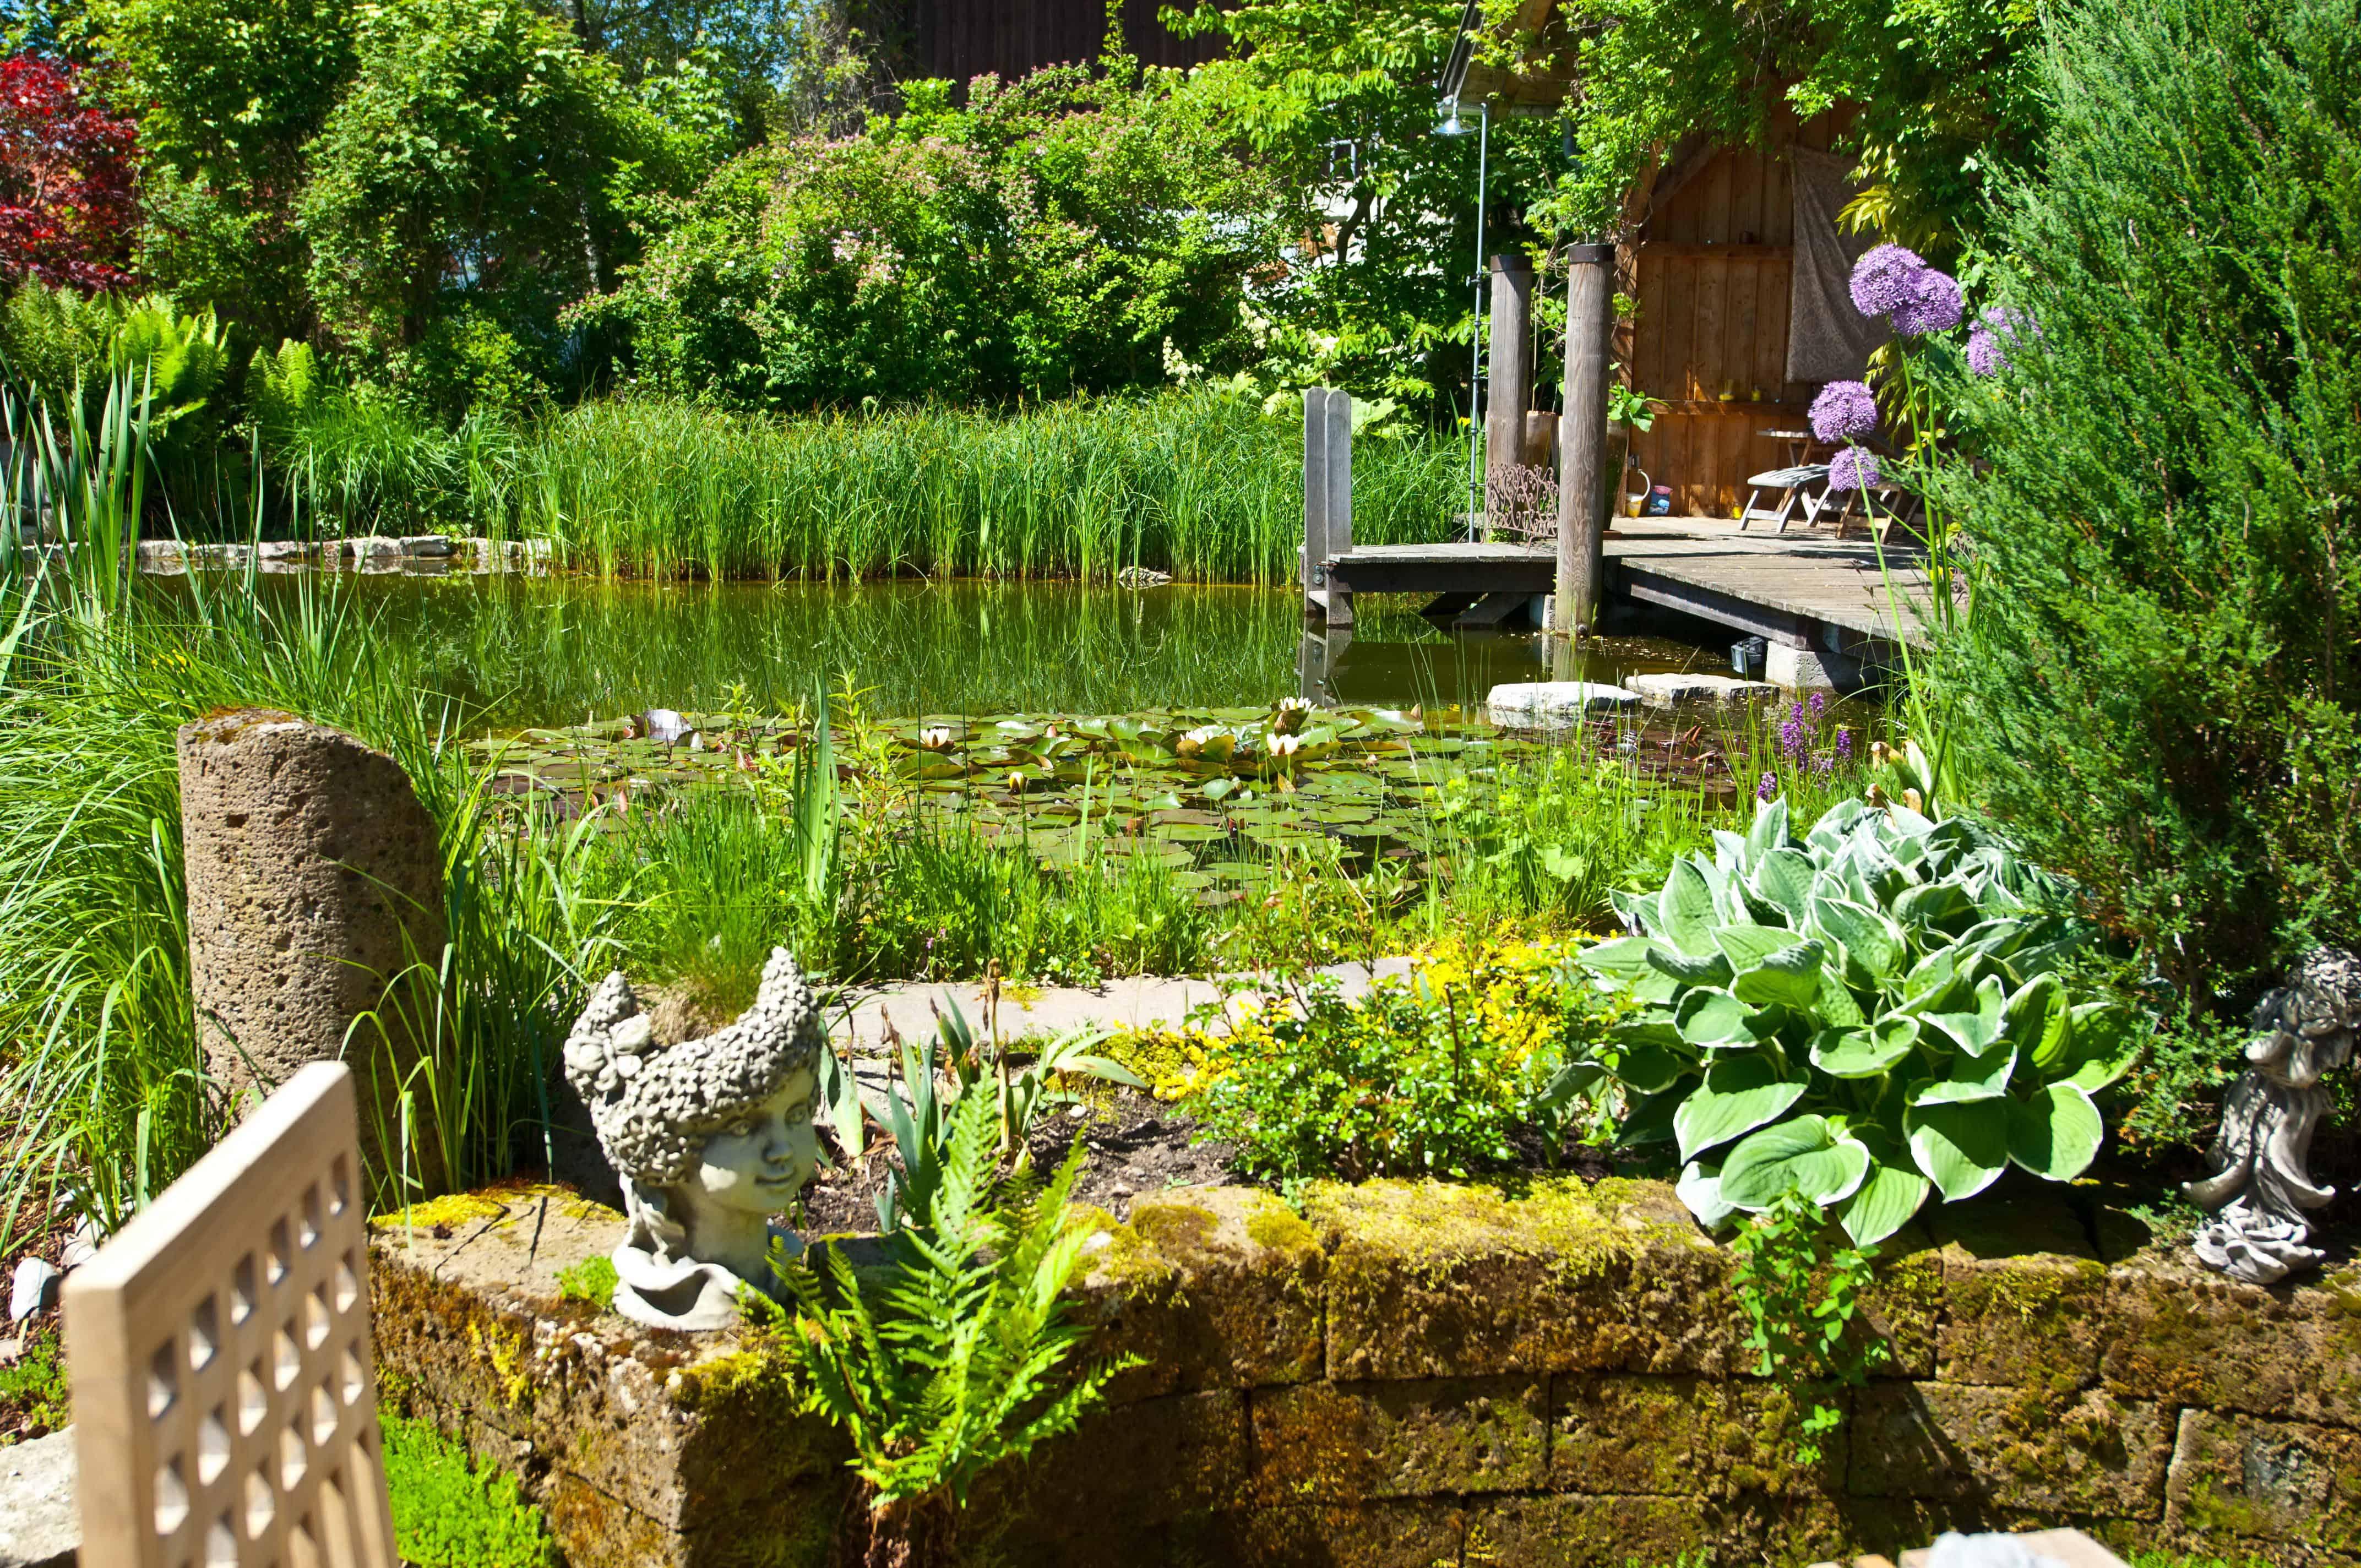 Faszination Teich - Hohe Anziehungskraft bei Mensch und Tier 1